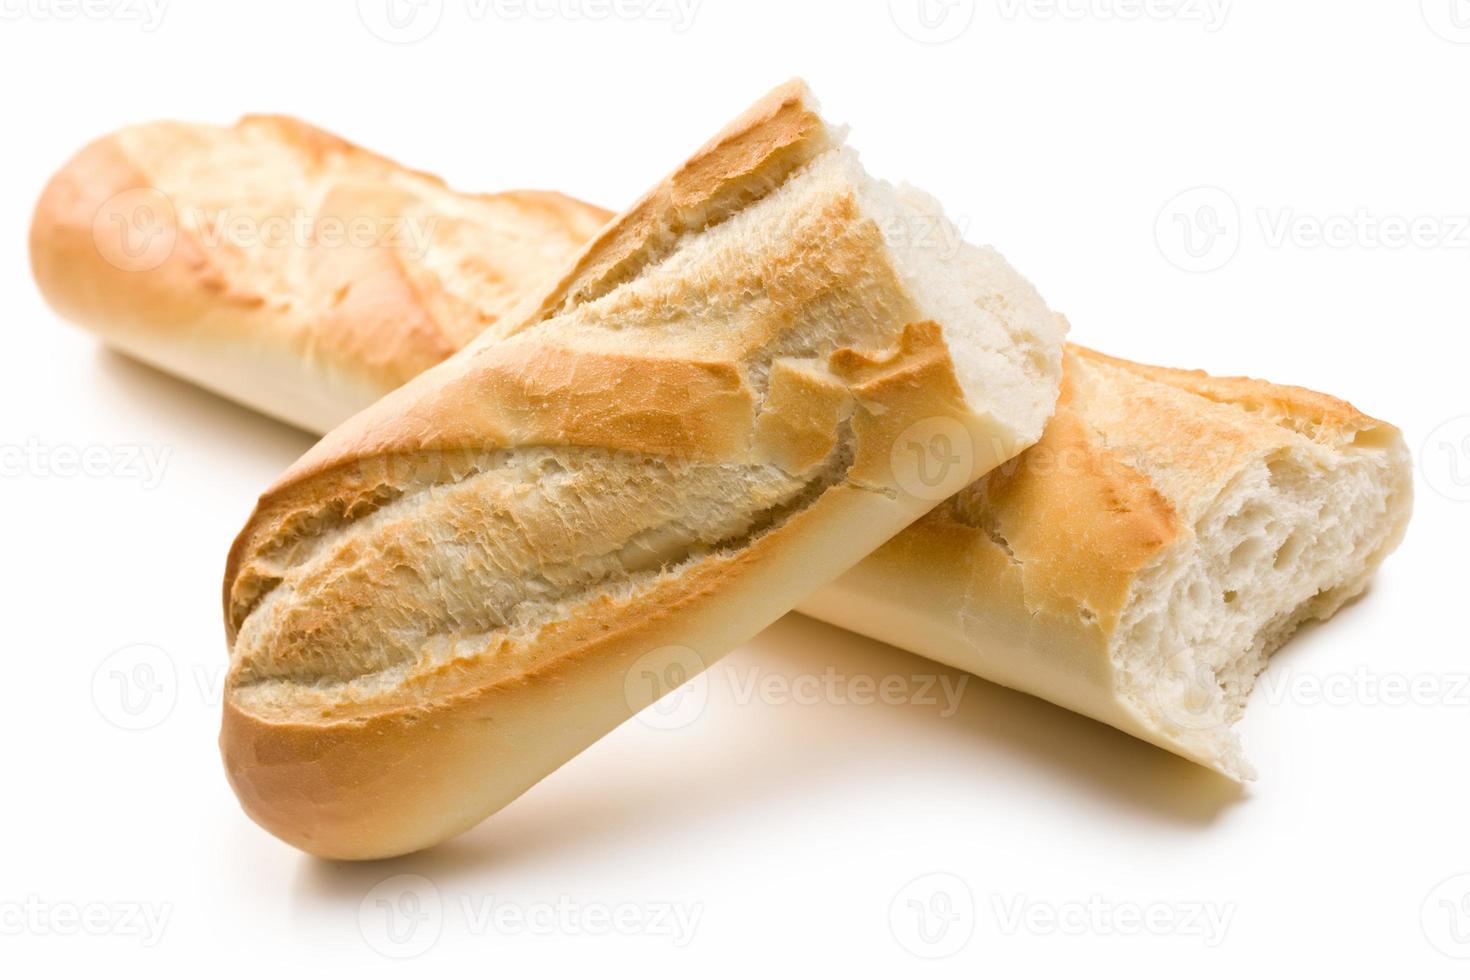 französische Baguettes foto